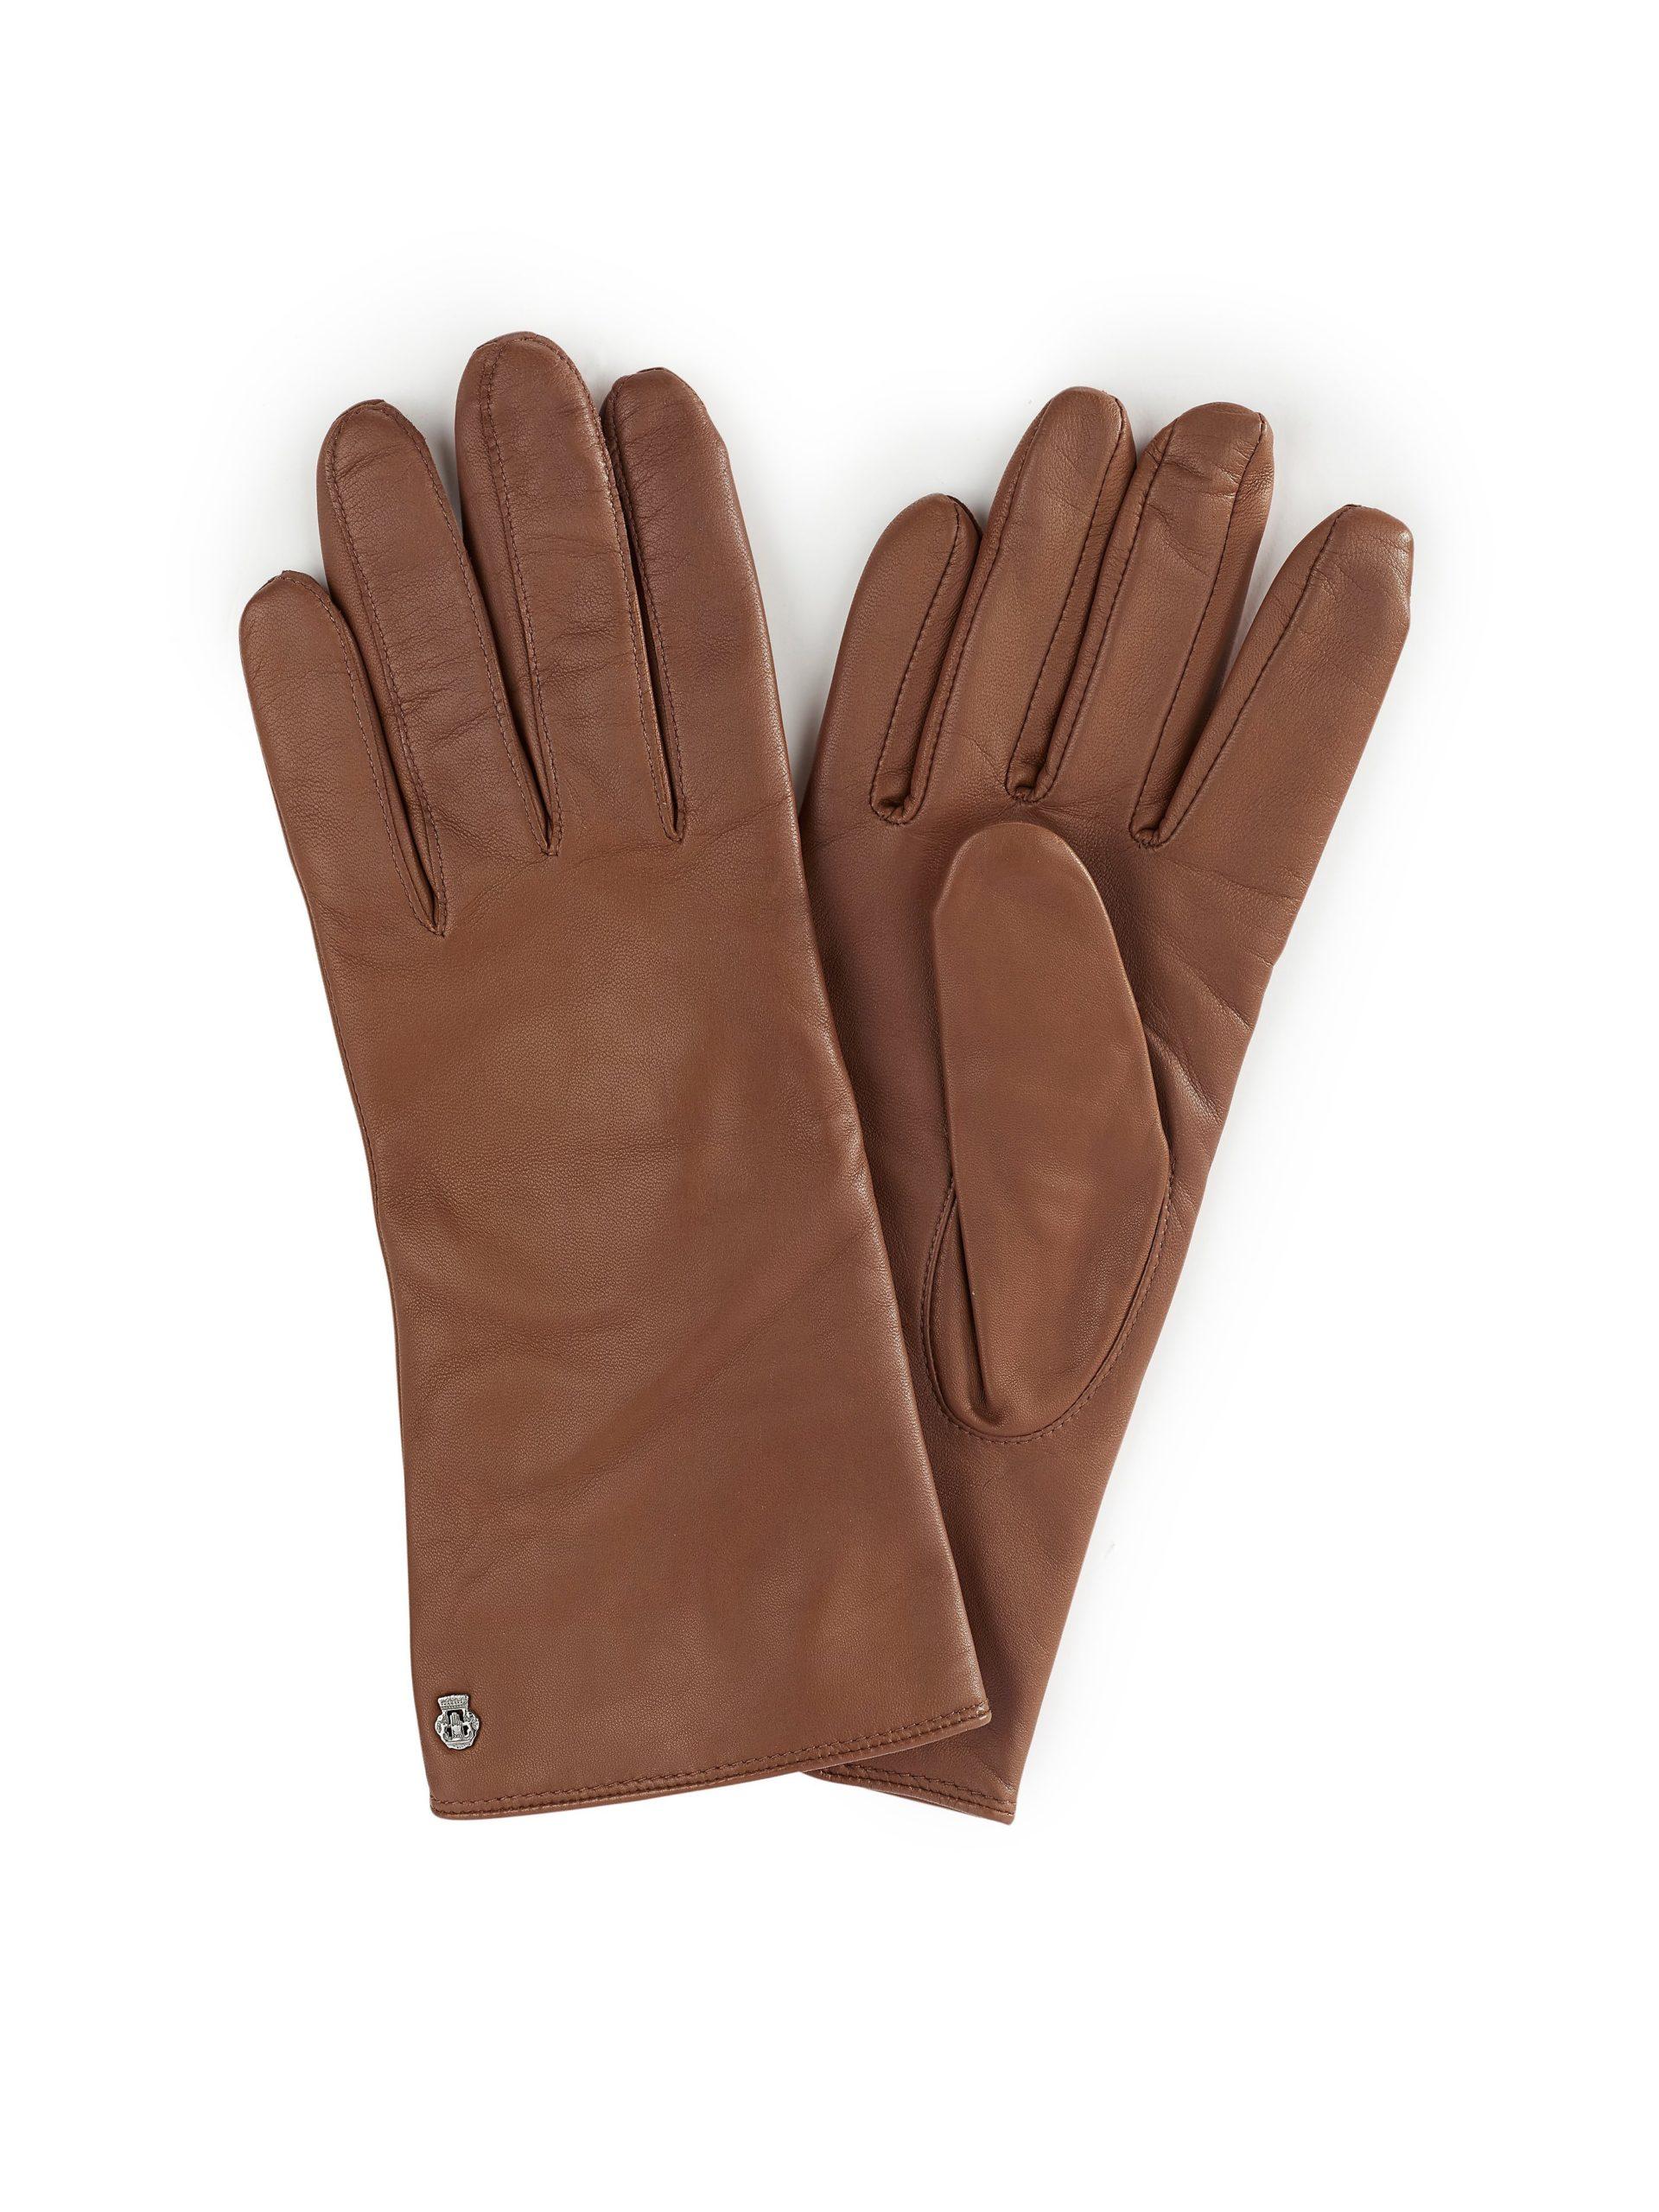 Handschoenen Van Roeckl bruin Kopen